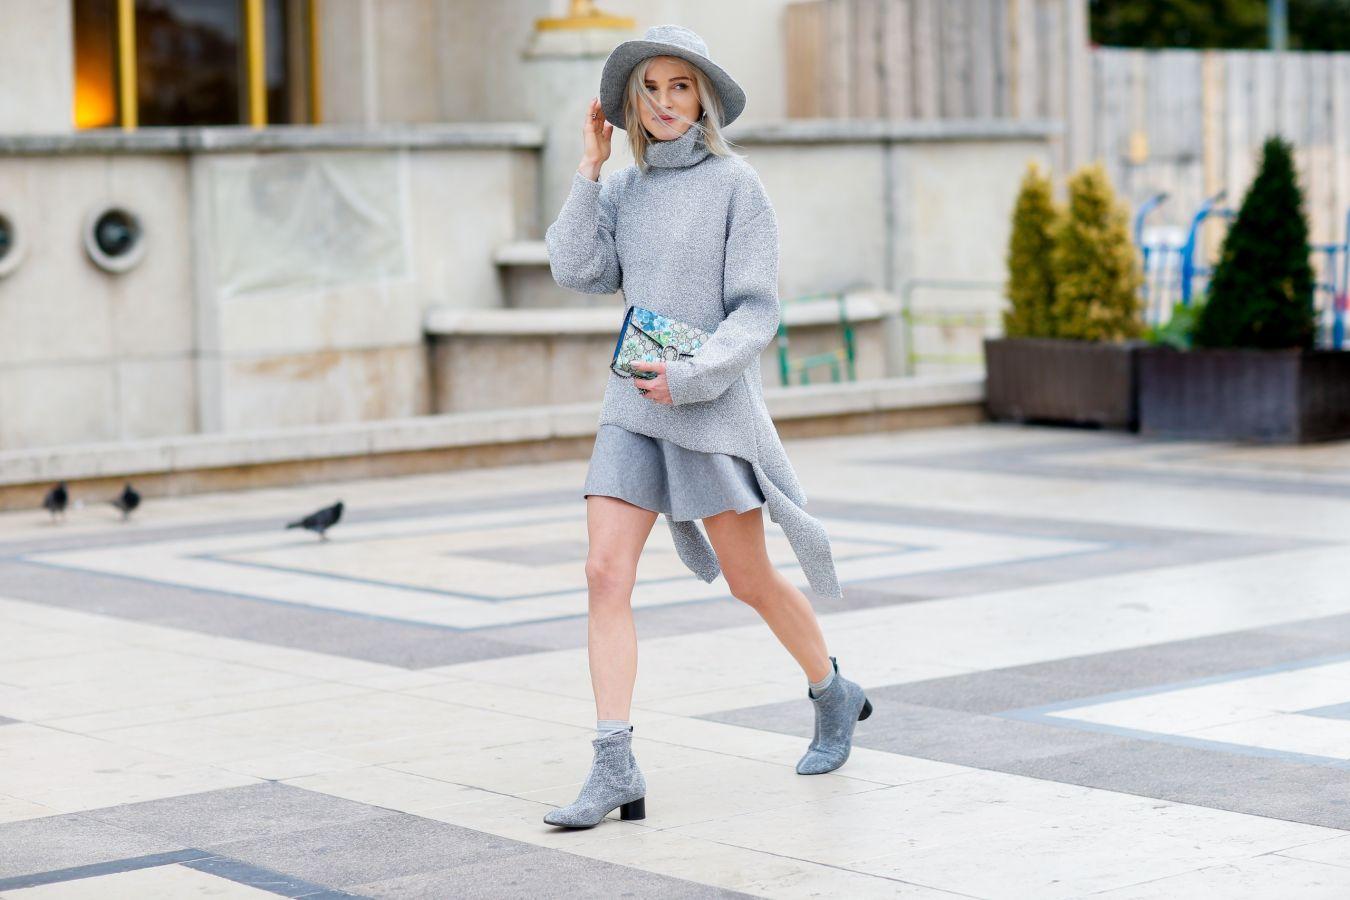 Móda z ulíc New Yorku: Takto sa obliekajú ženy za veľkou mlákou   Diva.sk